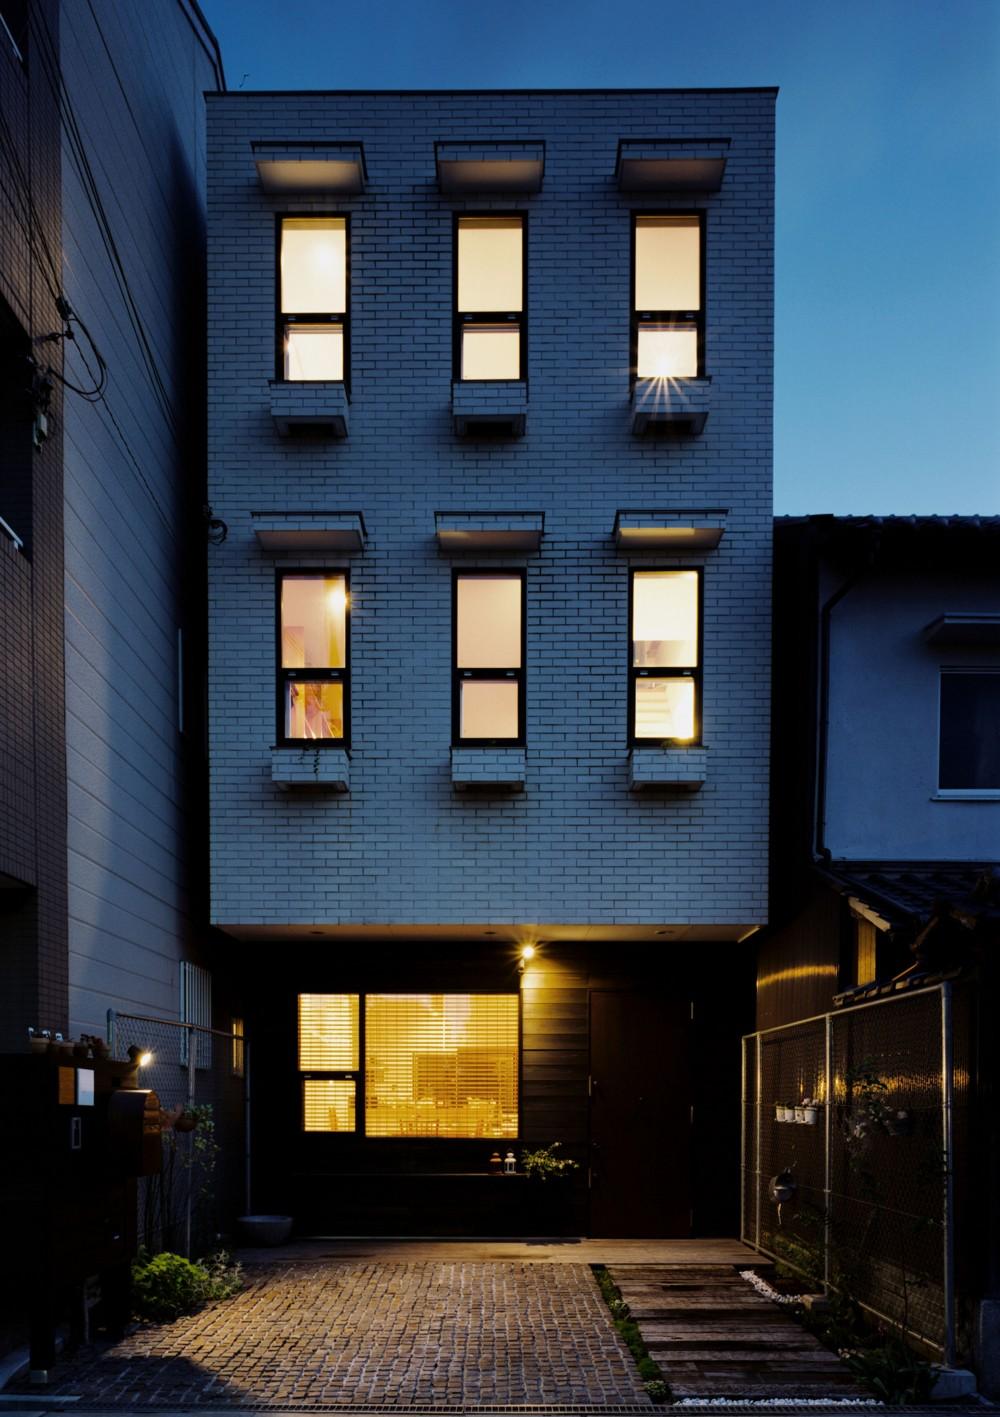 サロンのある家 ー汚れても、古くなっても、可愛いおうち。オランダのアパートメントのような家ー (外観 夕景)